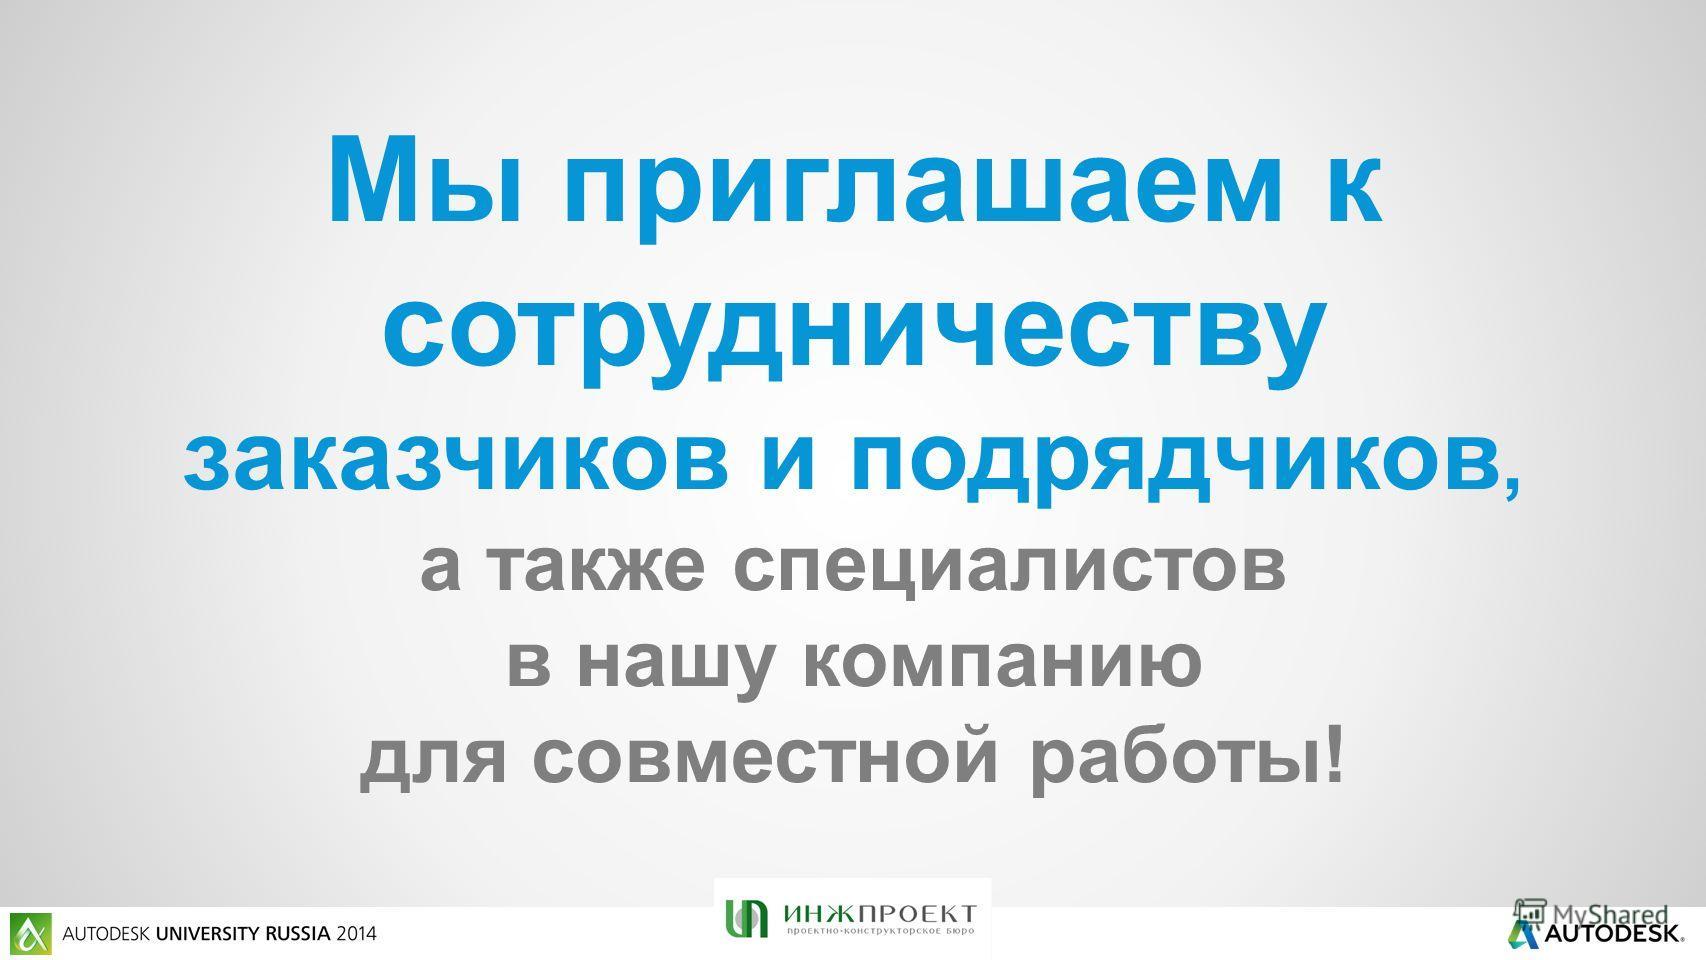 Мы приглашаем к сотрудничеству заказчиков и подрядчиков, а также специалистов в нашу компанию для совместной работы!